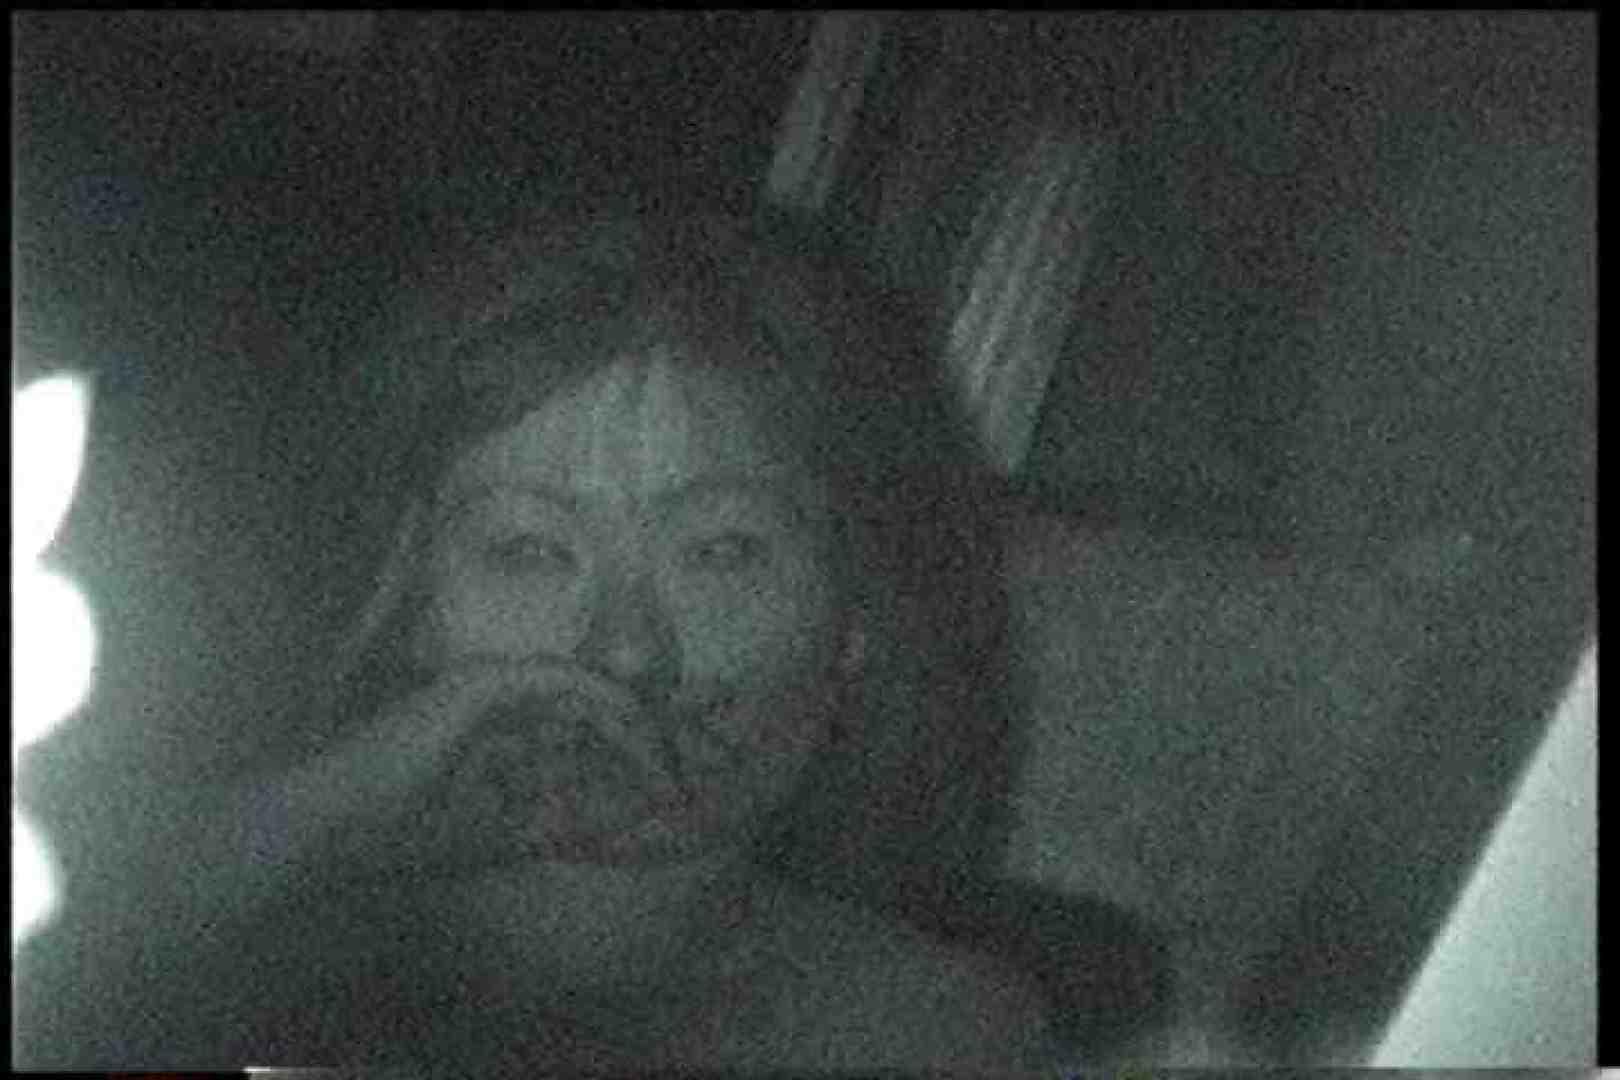 充血監督の深夜の運動会Vol.240 OLエロ画像  62PICs 50